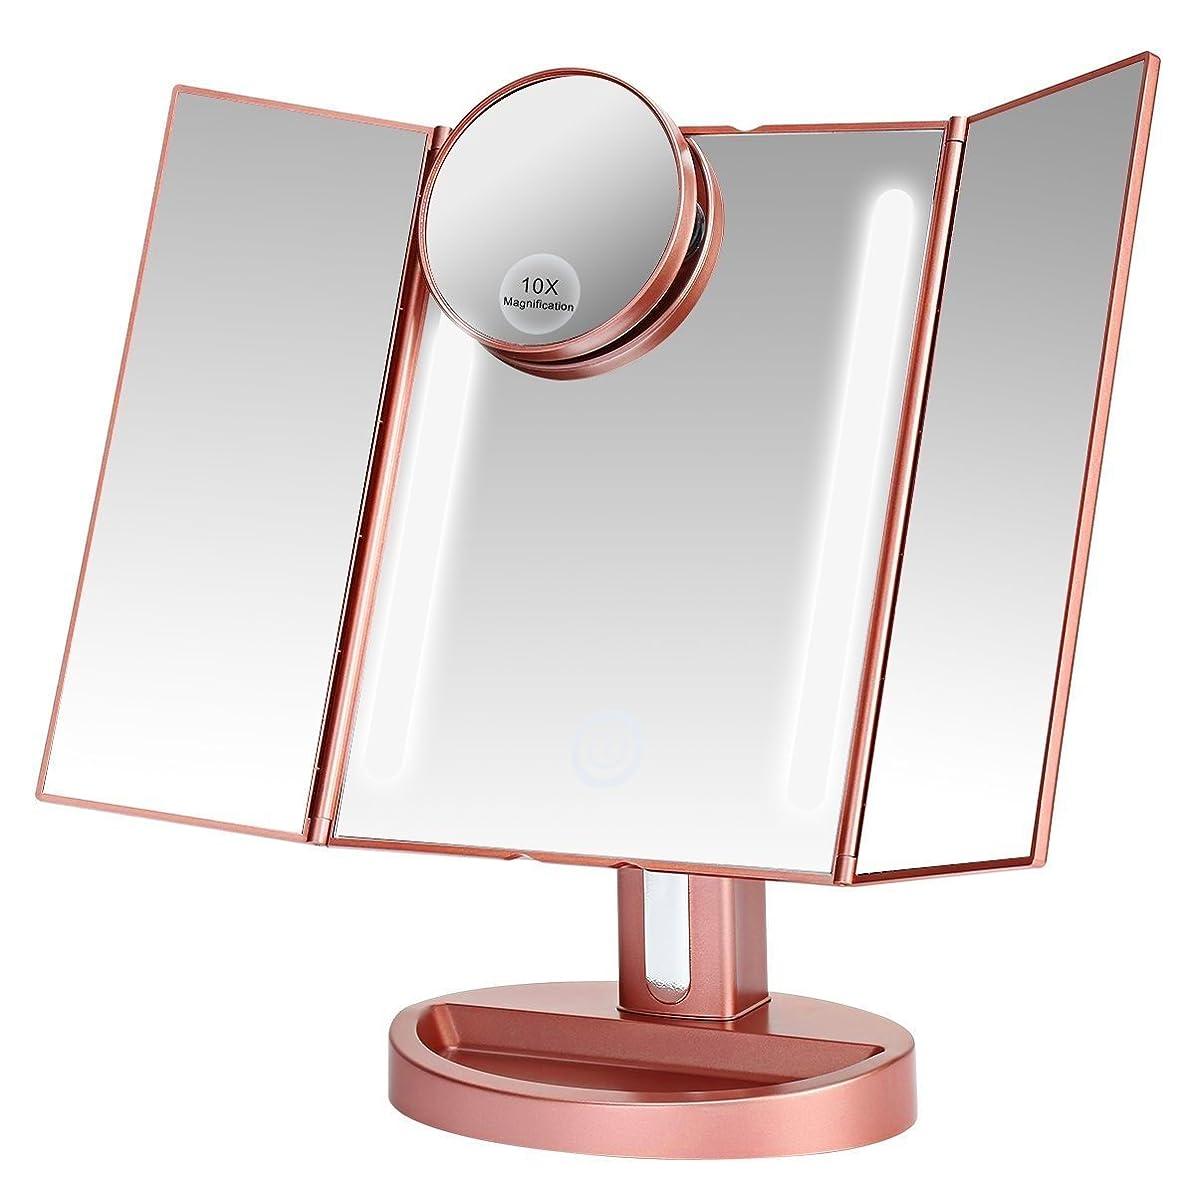 卑しいわがままマニフェストLEEPWEI 化粧鏡  LED三面鏡 折りたたみ式 10倍拡大鏡付き 明るさ調節 180度回転